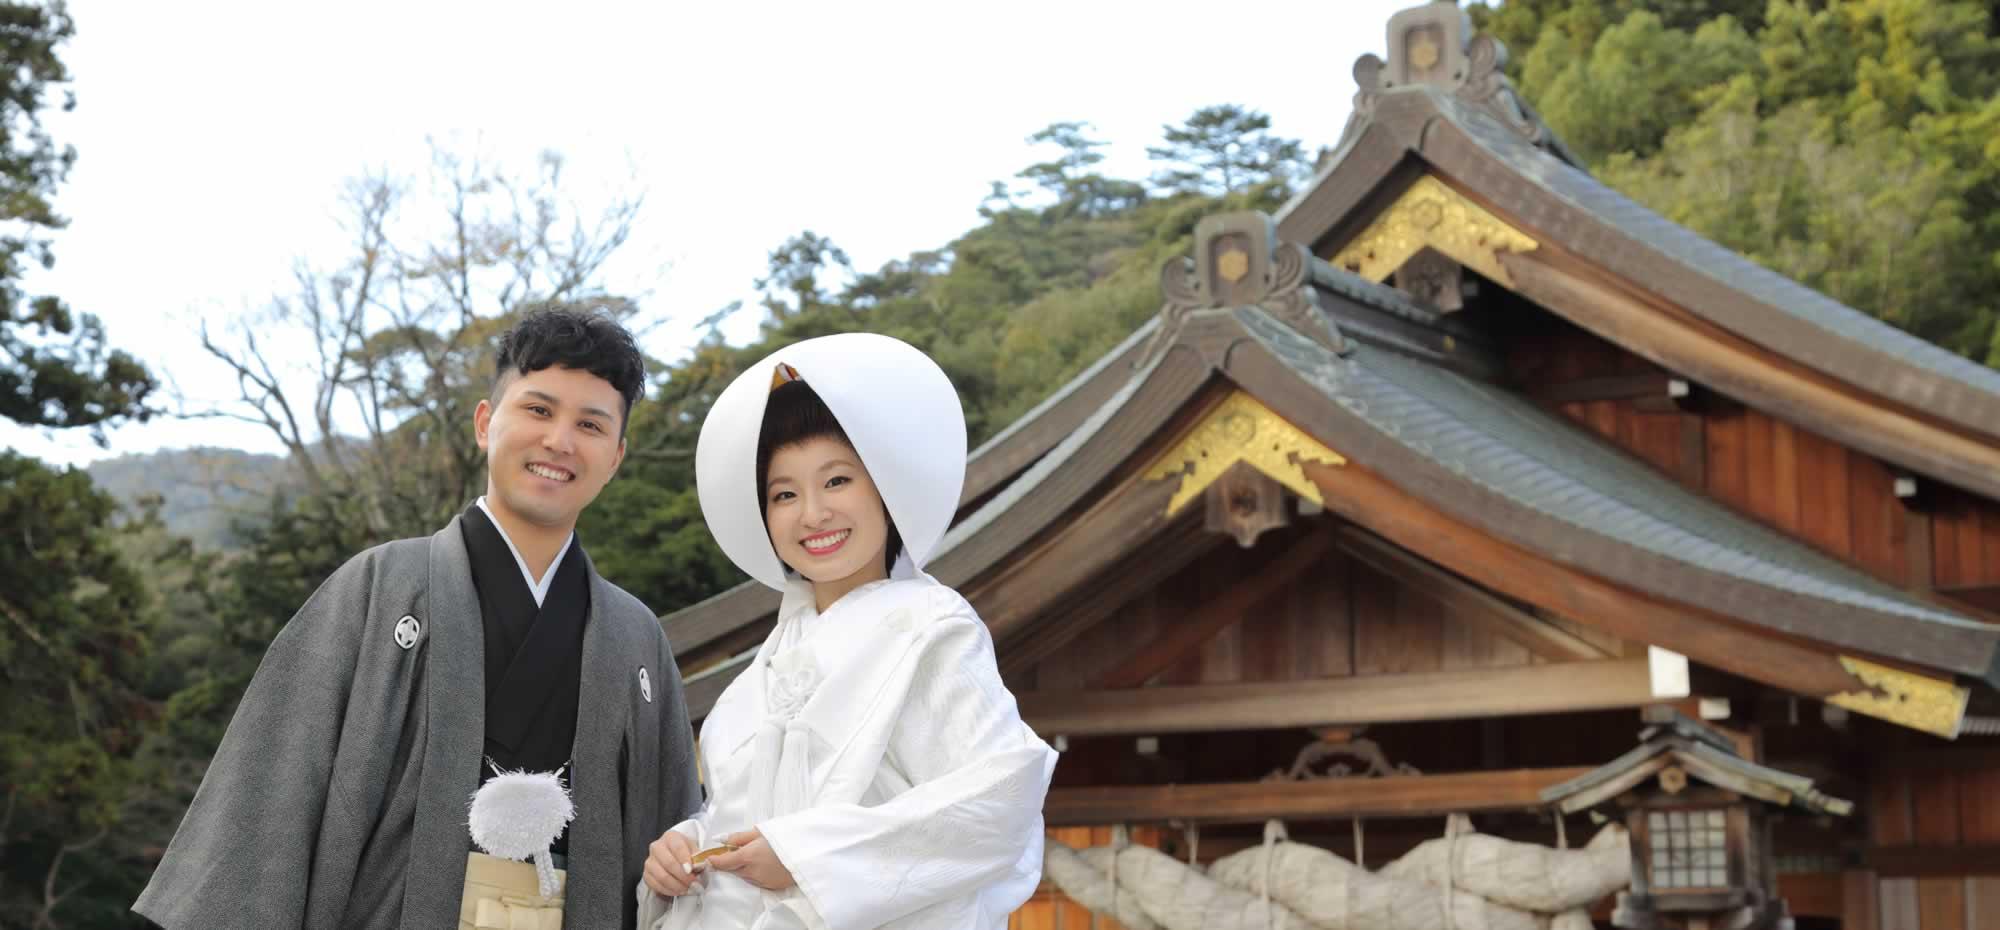 出雲大社結婚式・挙式